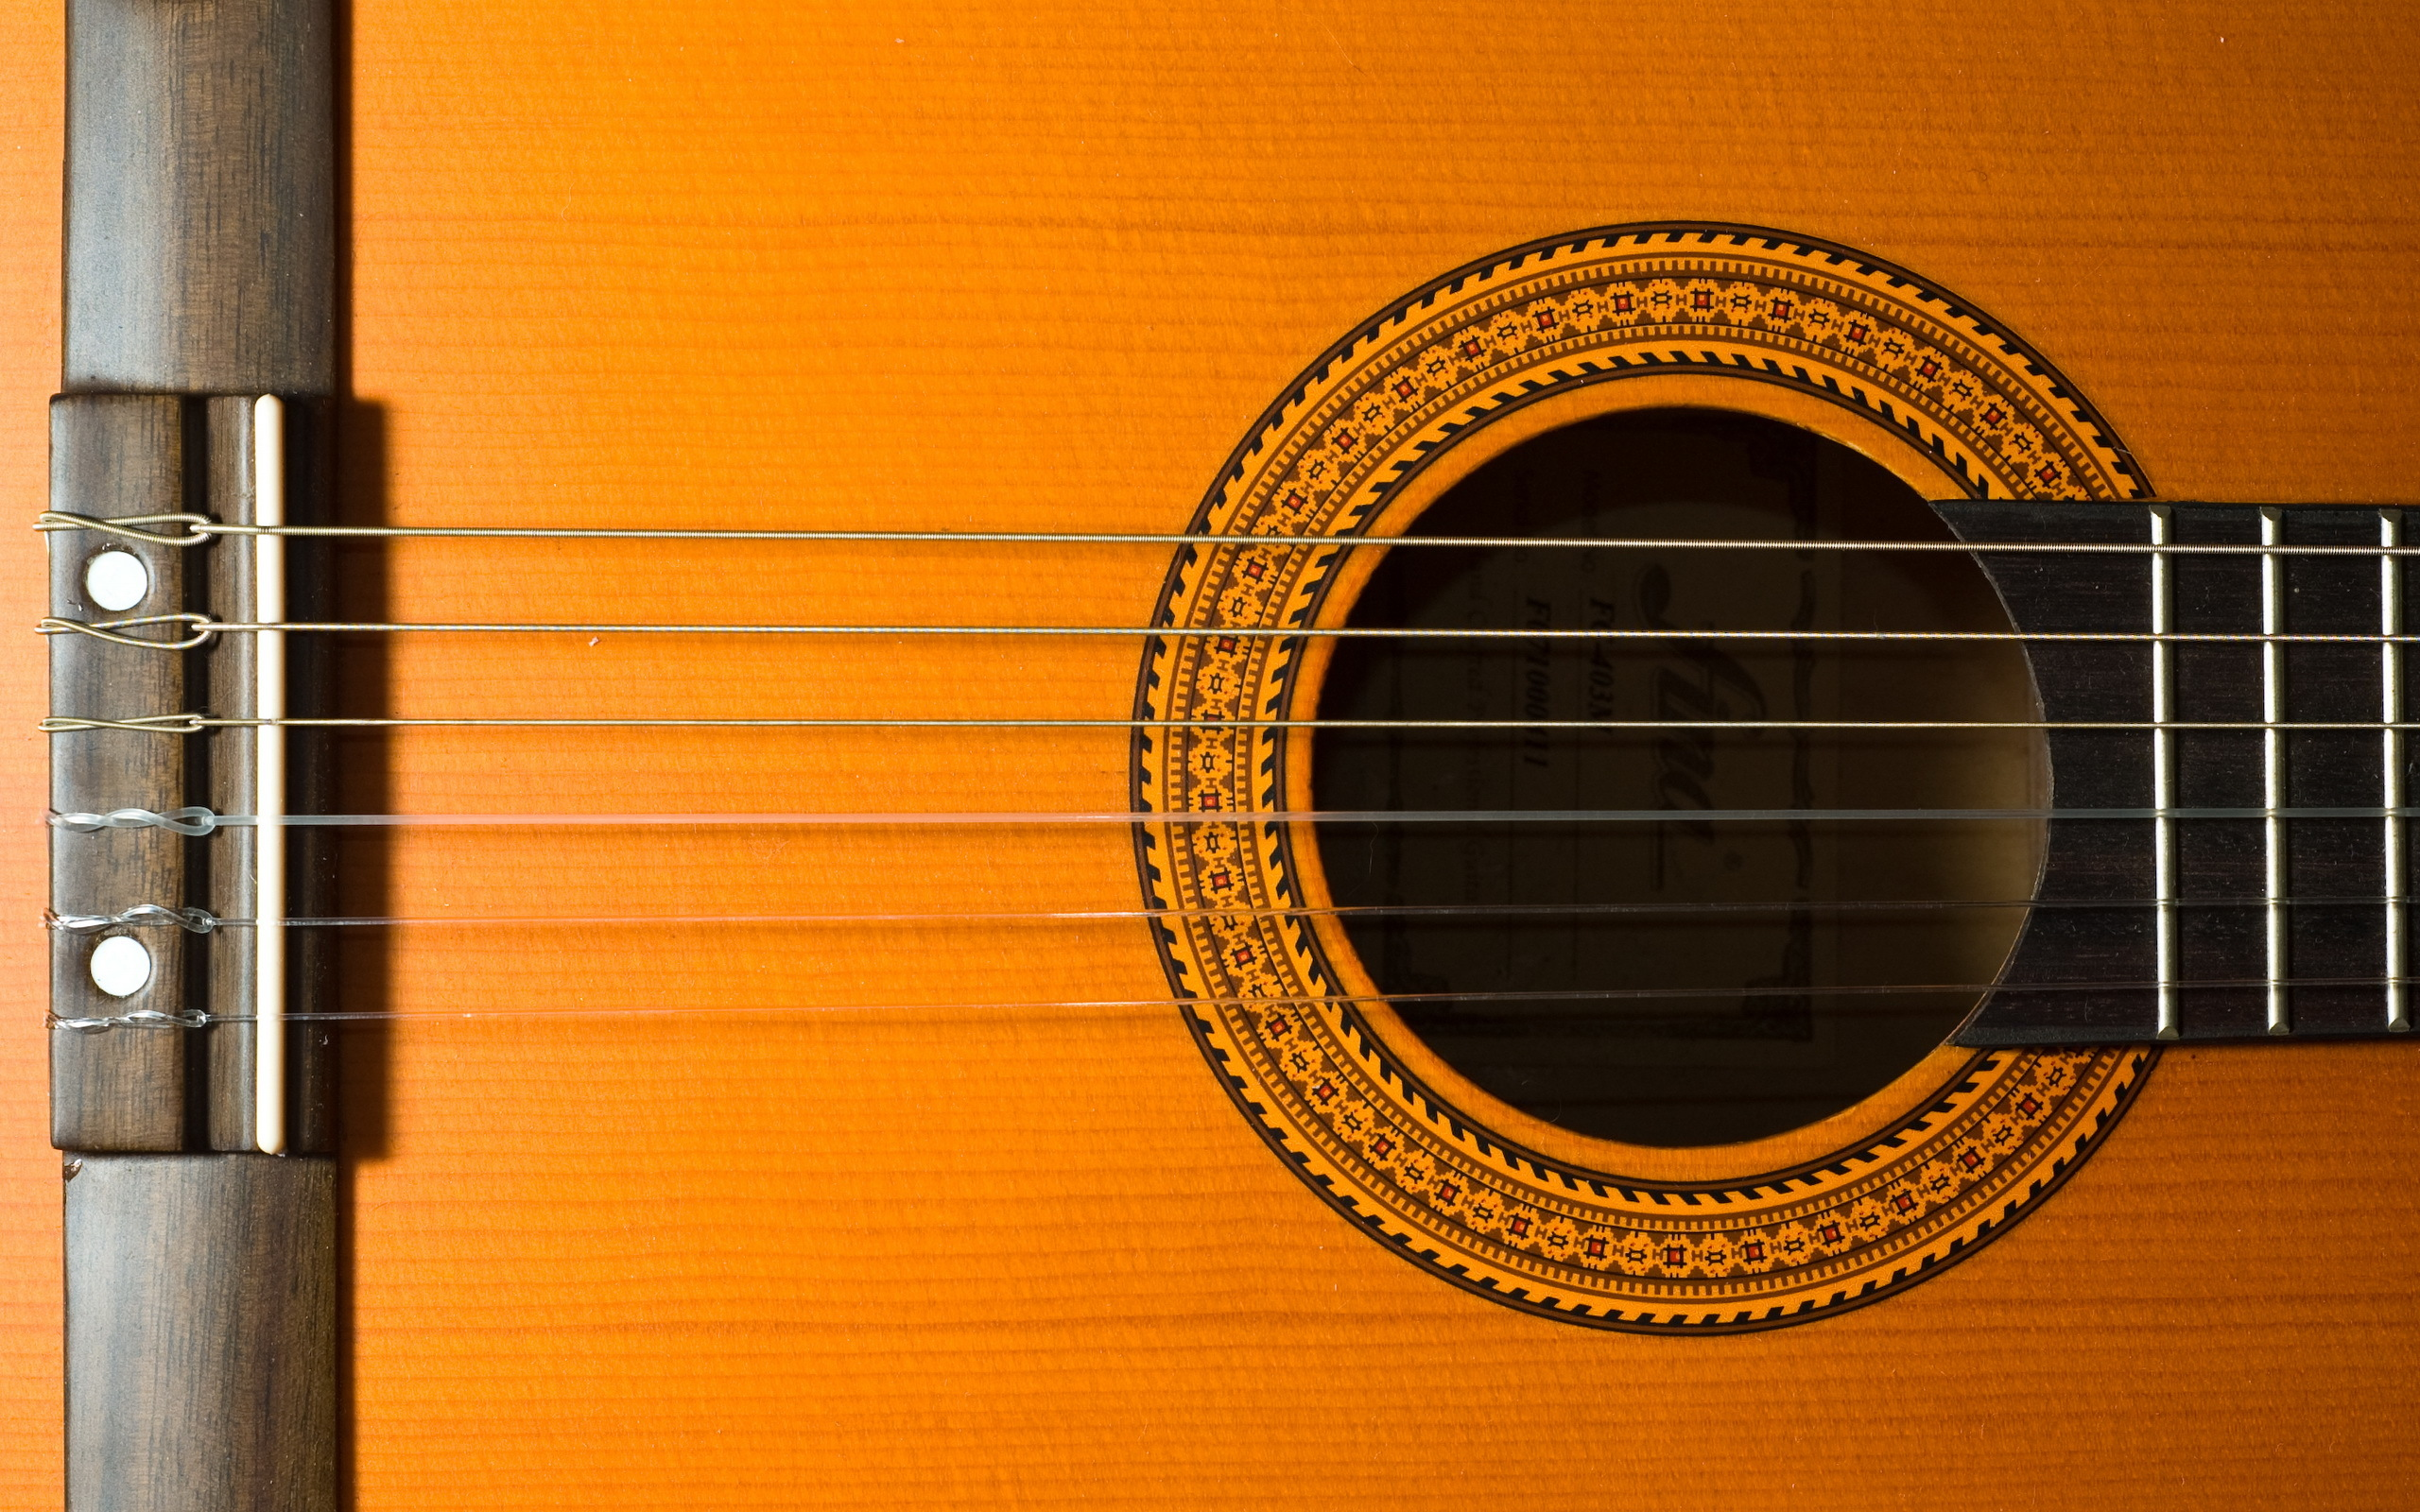 музыкальный инструмент струны макро бесплатно